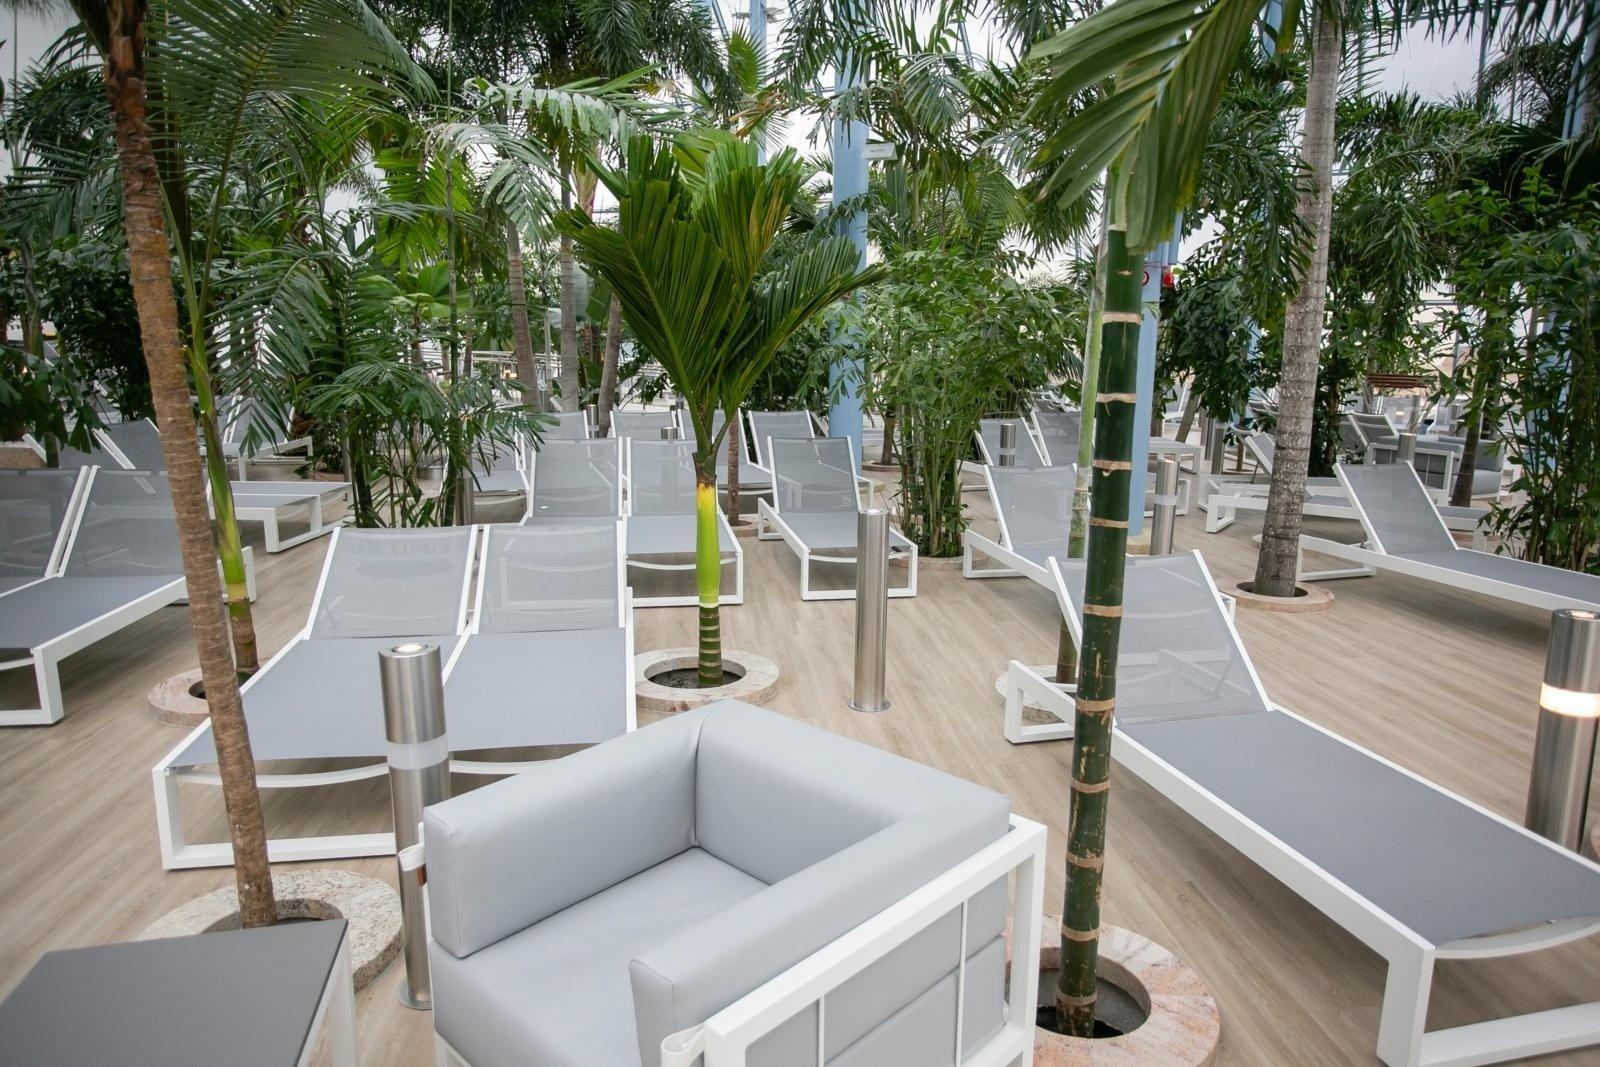 hotel konferencyjny Radziejowice, tanie noclegi - Artis loft hotel